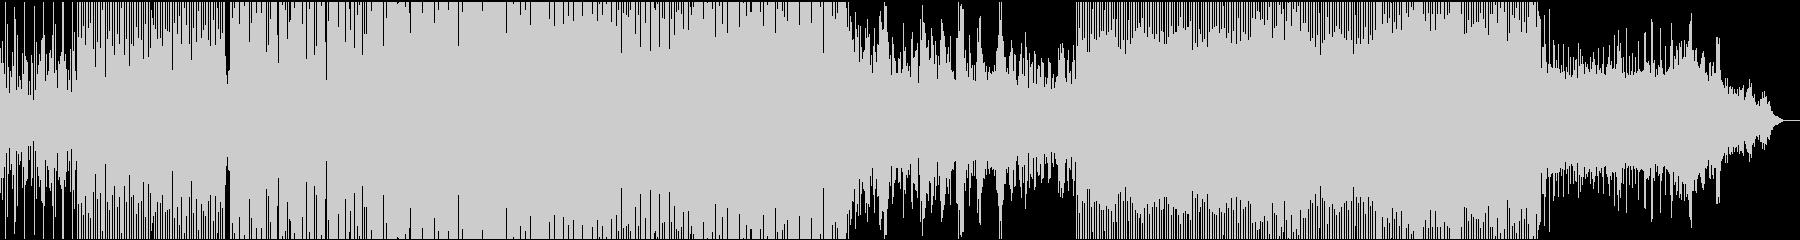 4つ打ちビートが効いたエレクトロサウンドの未再生の波形